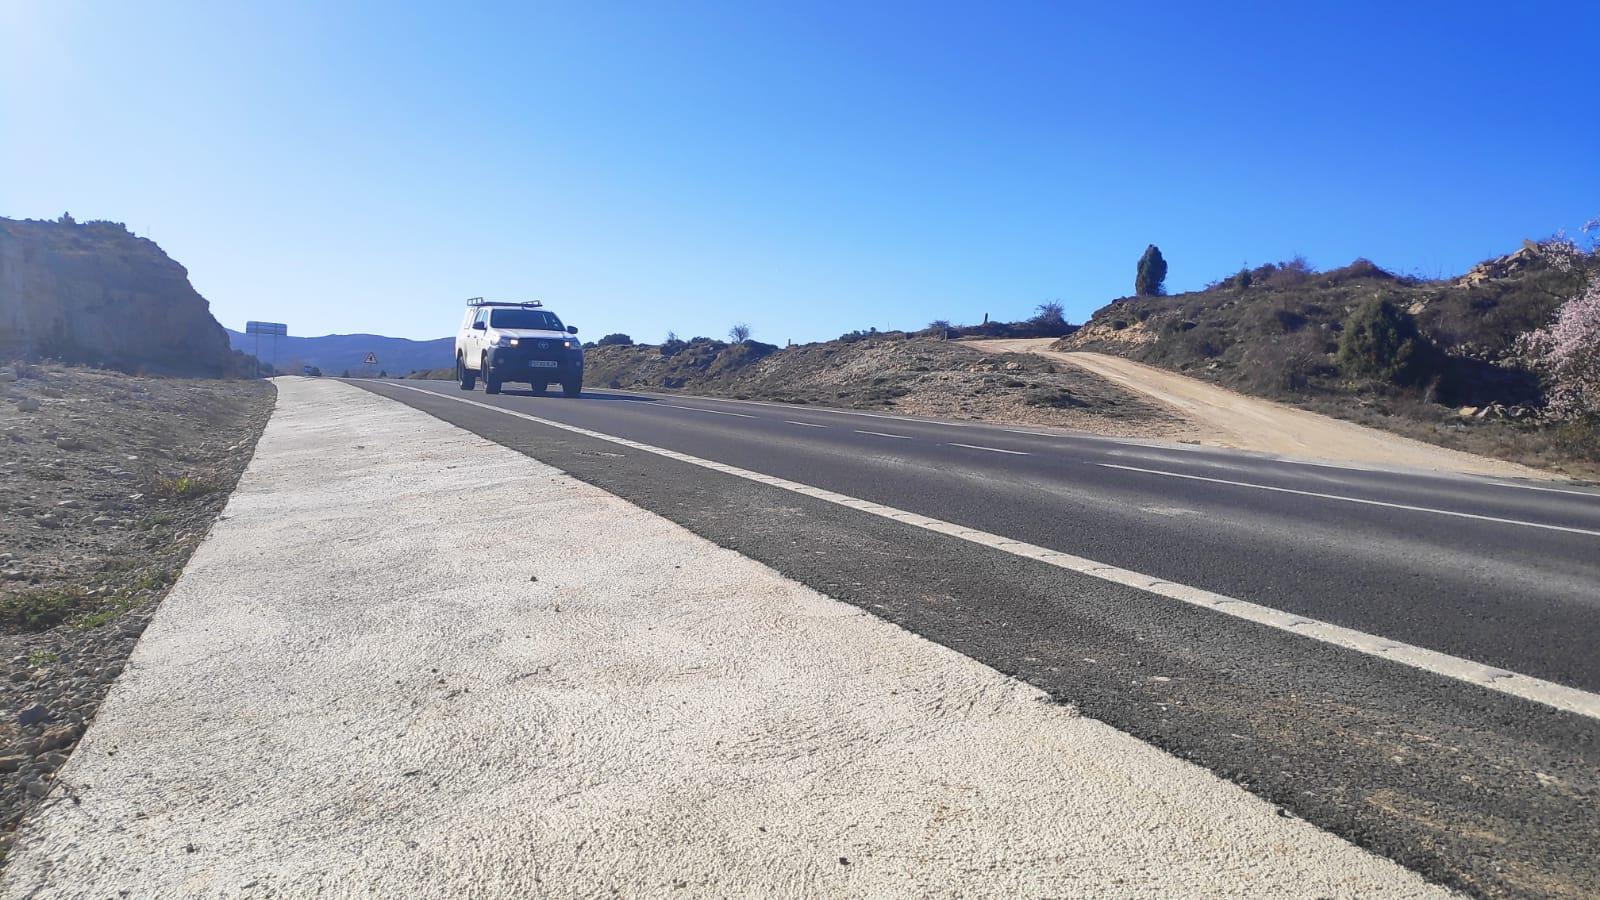 La Conselleria de Obras Públicas y la Diputación de Castellón harán un estudio para mejorar la conectividad y las carreteras de los municipios del...